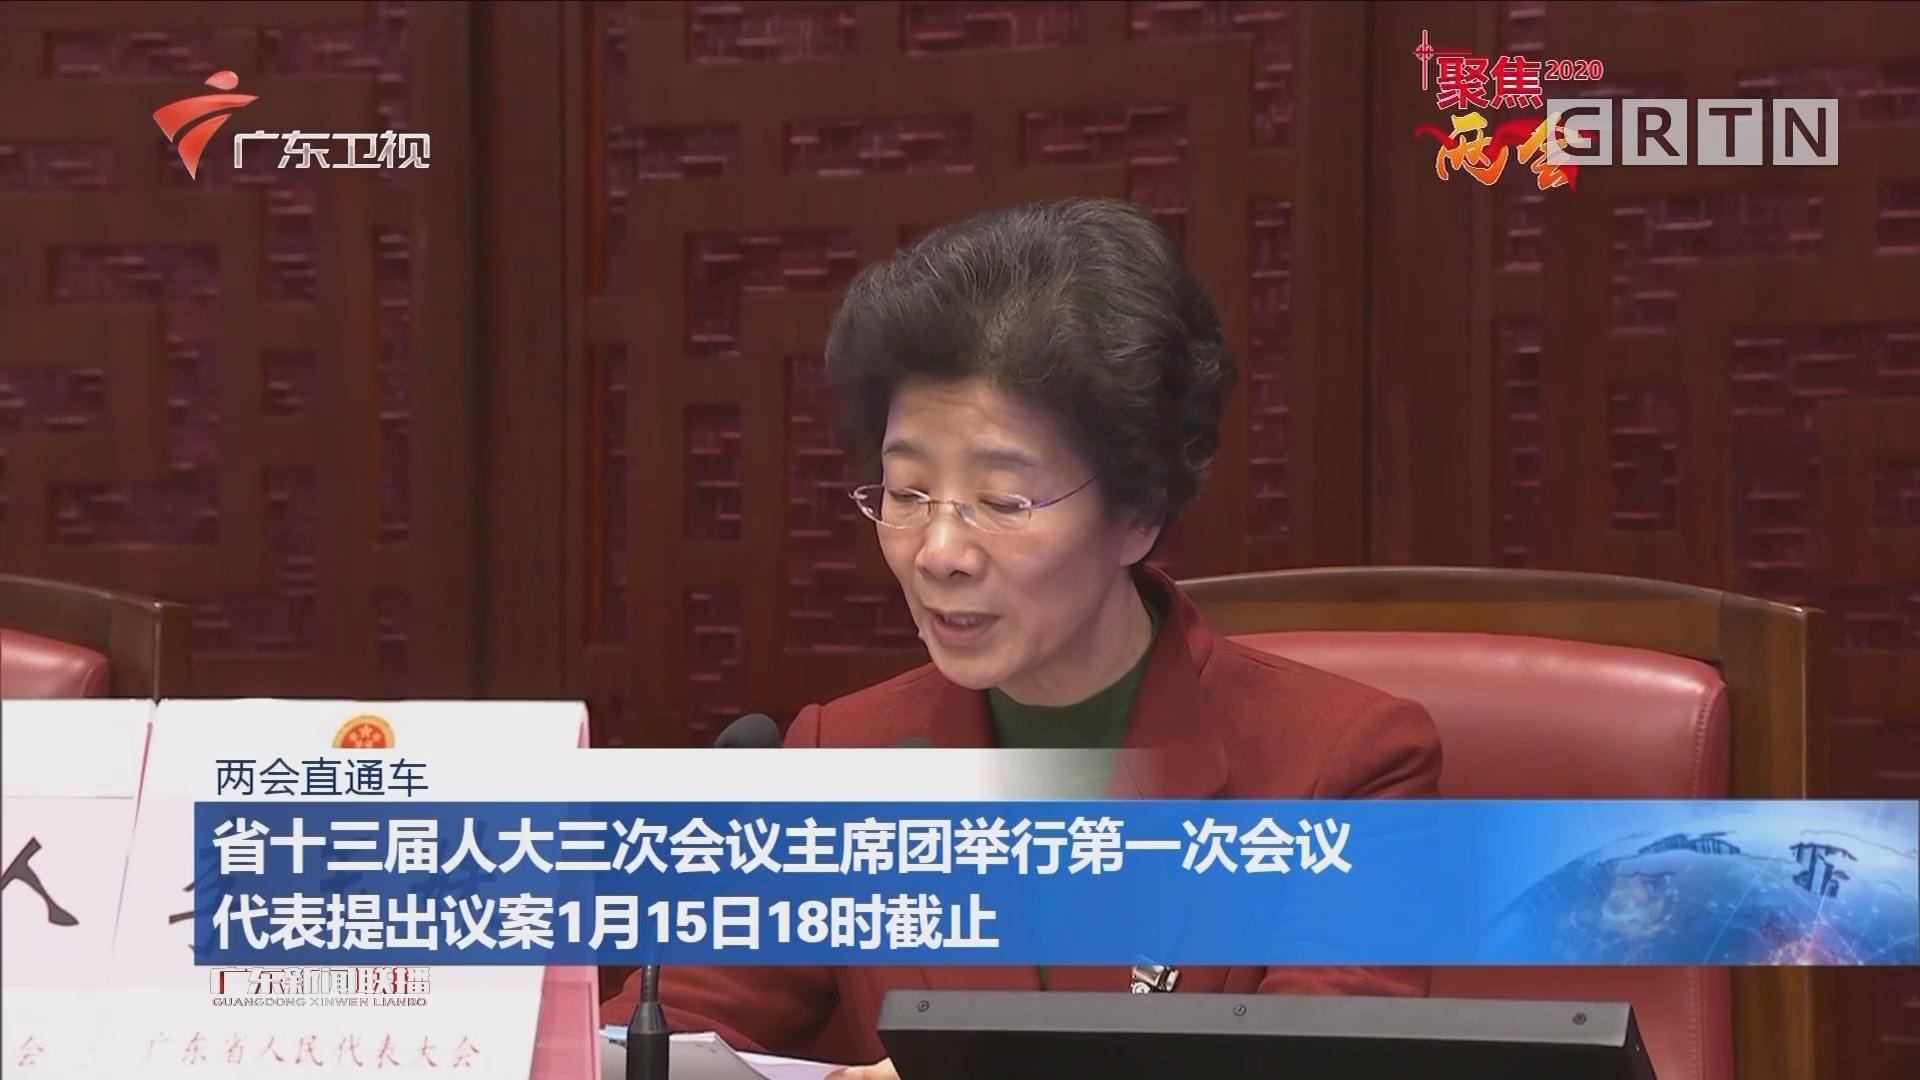 省十三届人大三次会议主席团举行第一次会议 代表提出议案1月15日18时截止